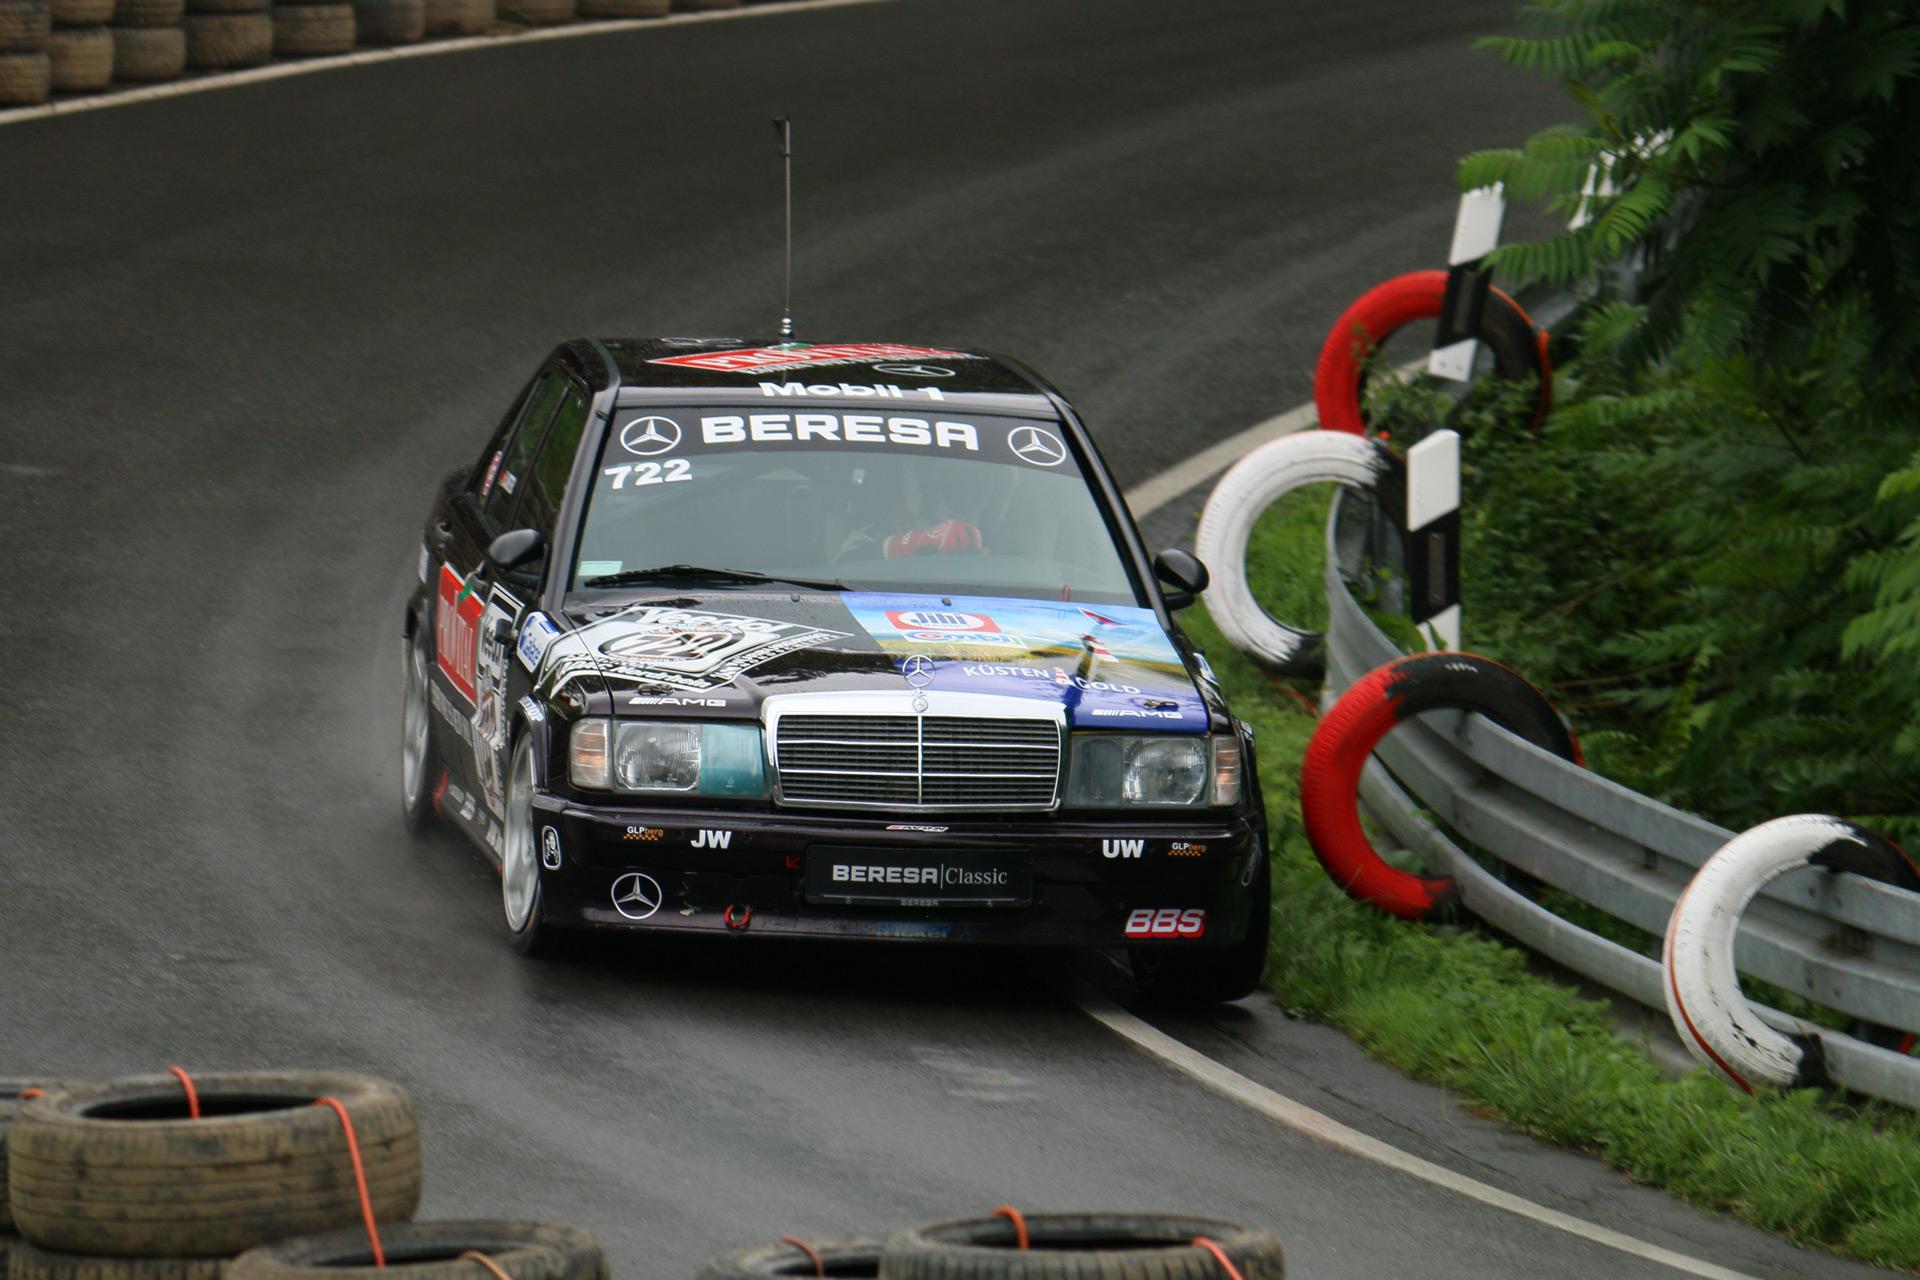 Dieser Mercedes-Benz W 201 gilt als Vorgänger der C-Klasse und war zu seiner Zeit der erste Mercedes der Mittelklasse. Die Vermarktung dieser Modellreihe erfolgte unter der Bezeichnung Mercedes -Benz 190, ganz unabhängig von der Größe des Hubraums.